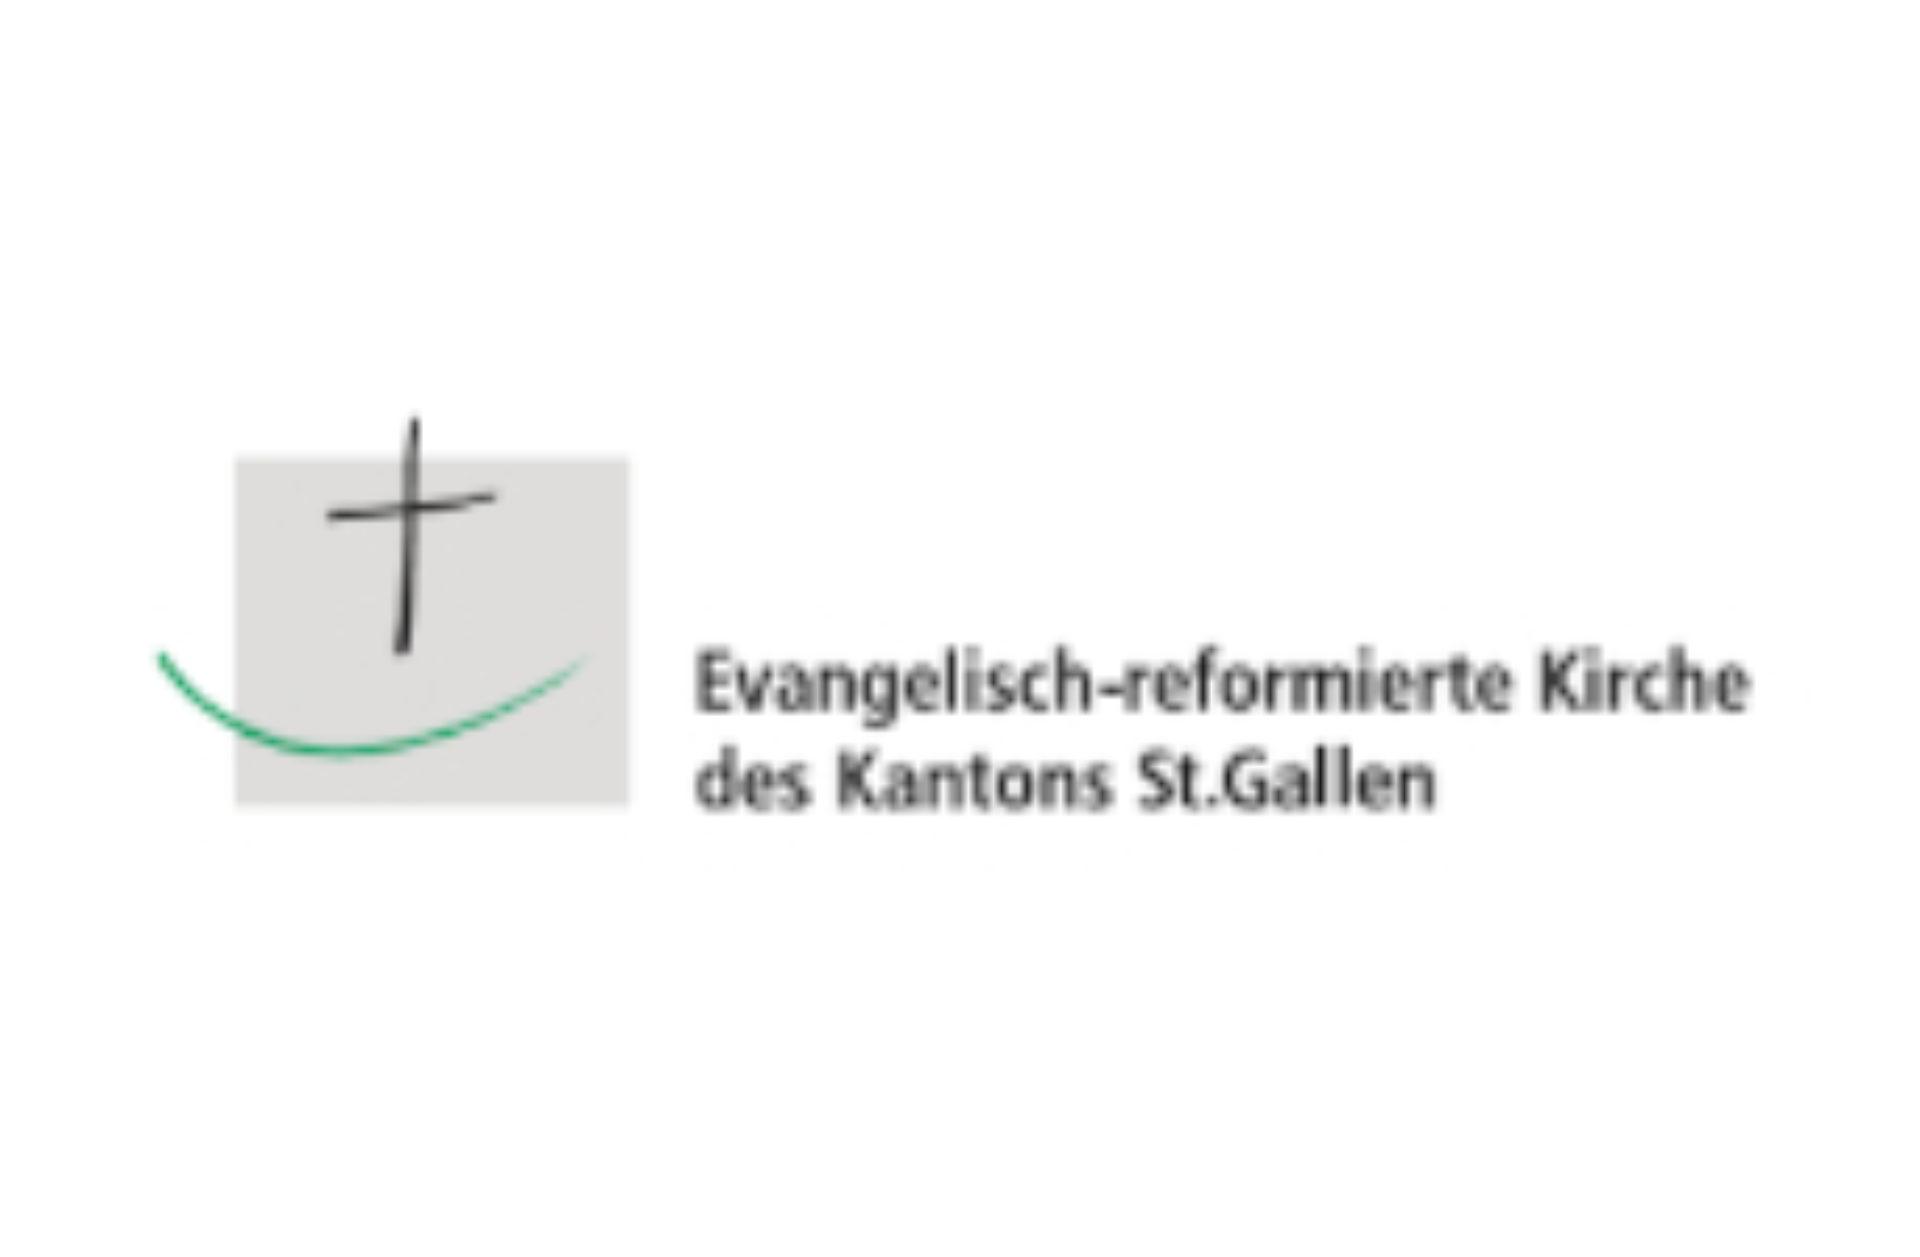 Evangelisch-reformierte Kirche des Kantons St. Gallen